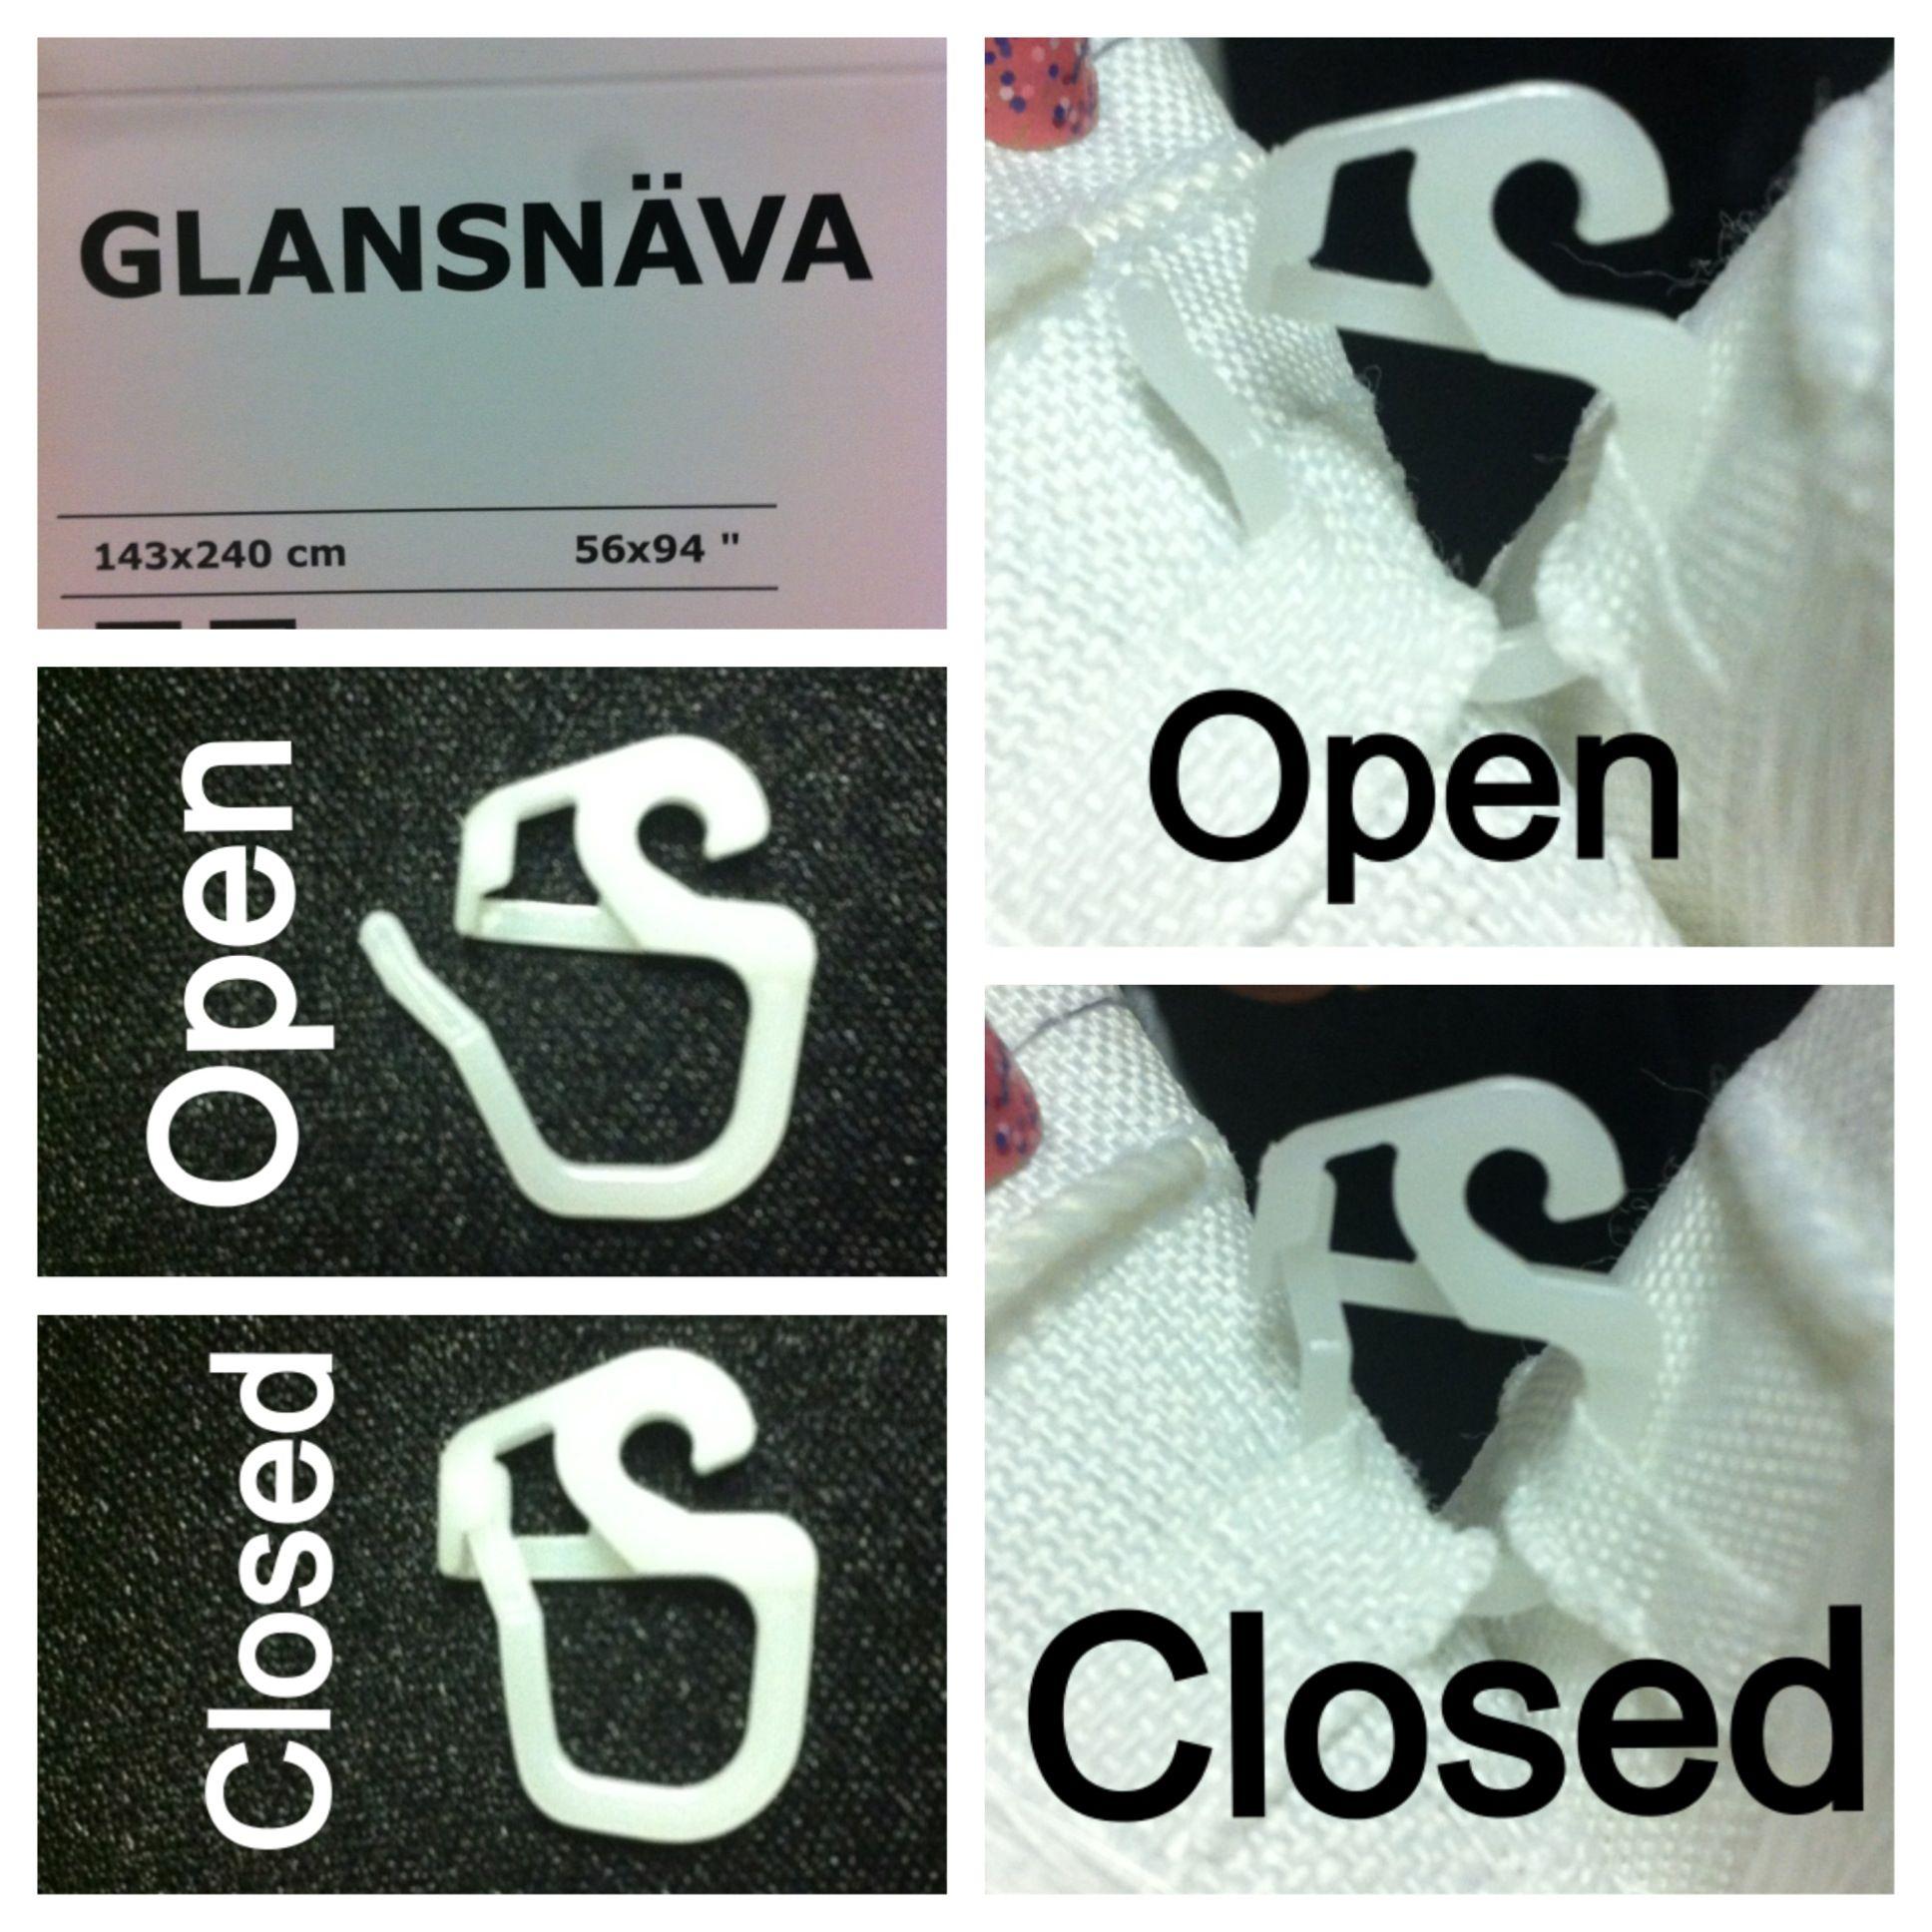 Ikea Curtains Ikea Clips How To Install Ikea Glansnava Blackout